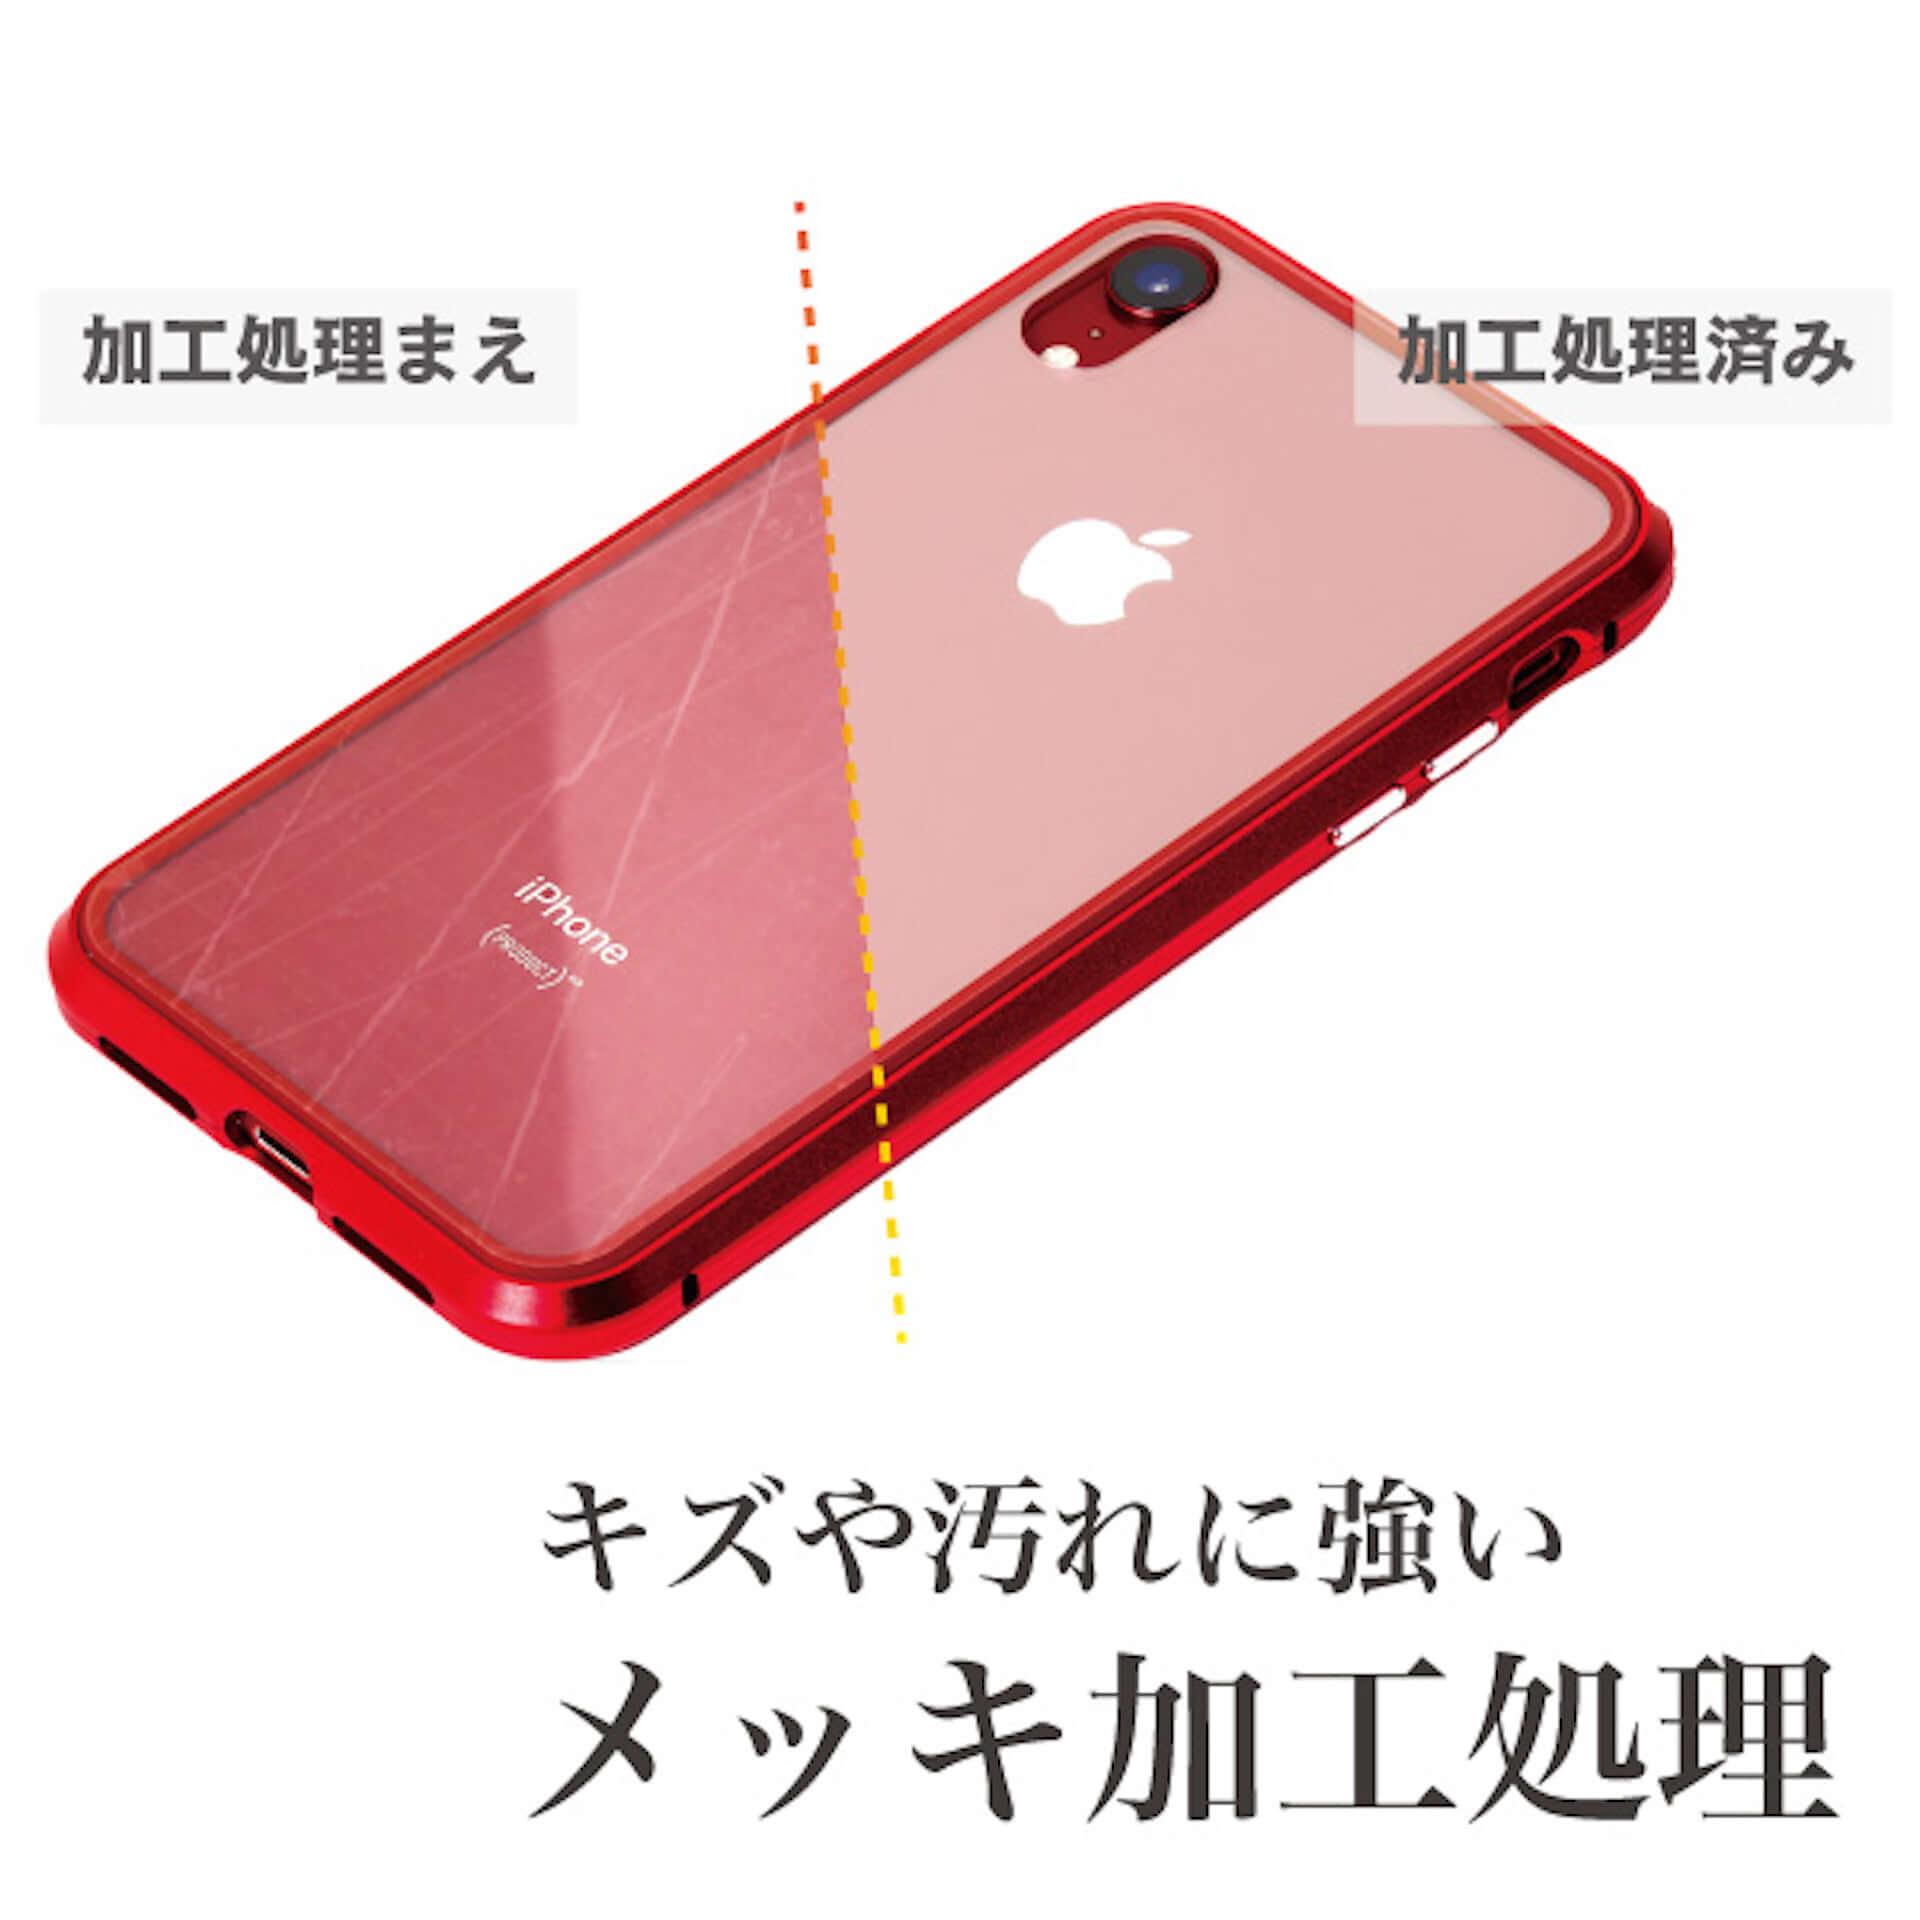 ハンマーでも割れないiPhoneケースが登場|頑強かつ軽量な「MAGNETIC ALUMINUM BUMPER CASE」発売 technology190731magnetic-iphonecase_9-1920x1920